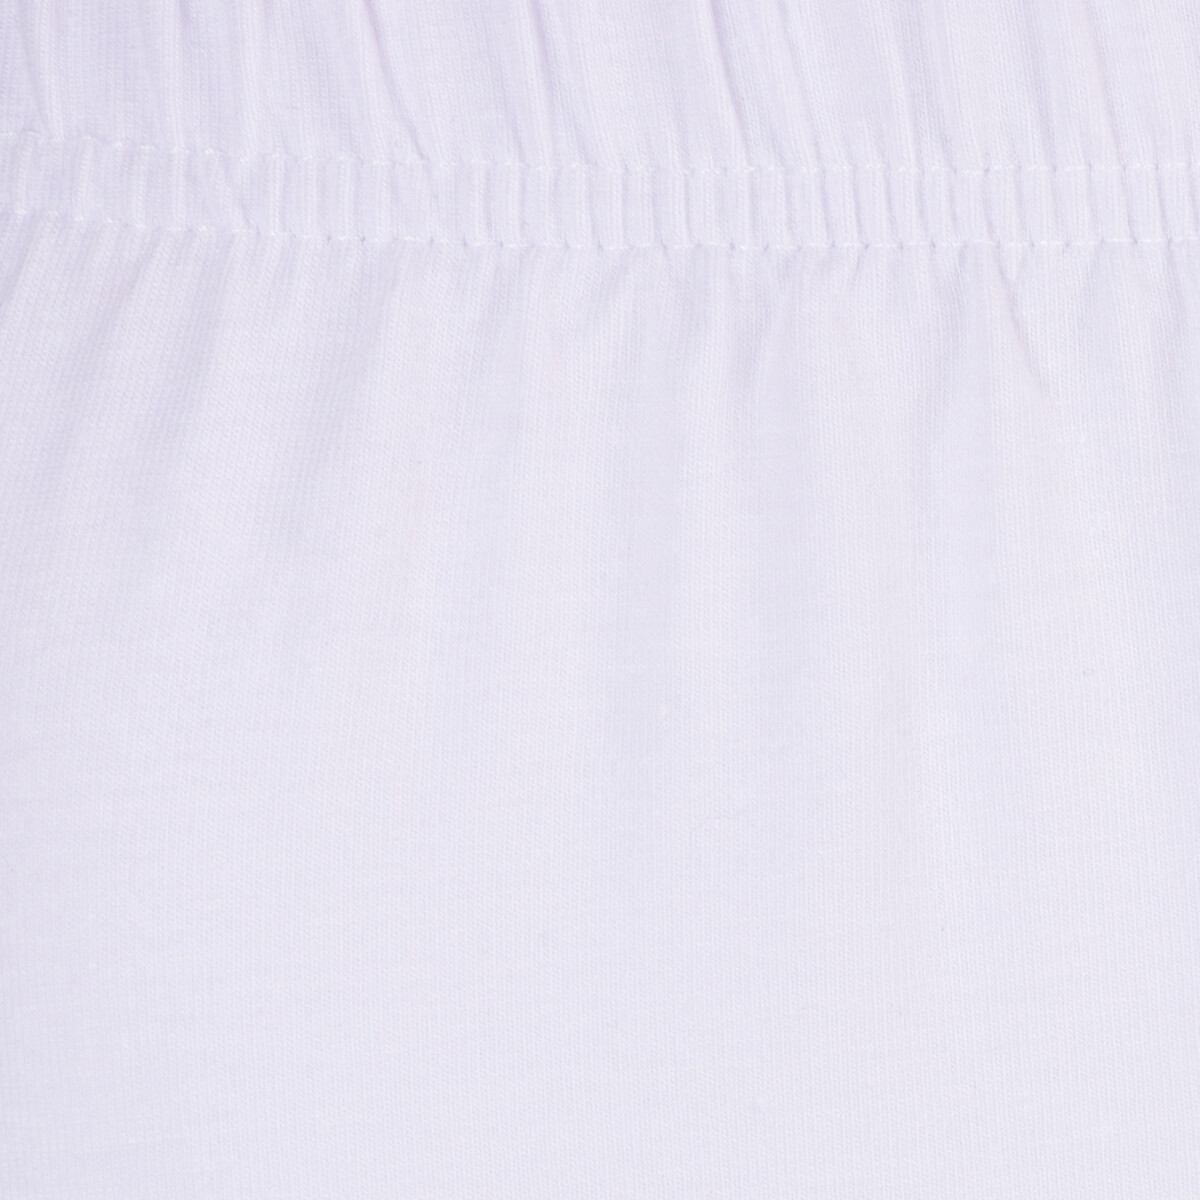 Bild 3 von Damen Capri Leggings mit Mausezähnchenbordüre